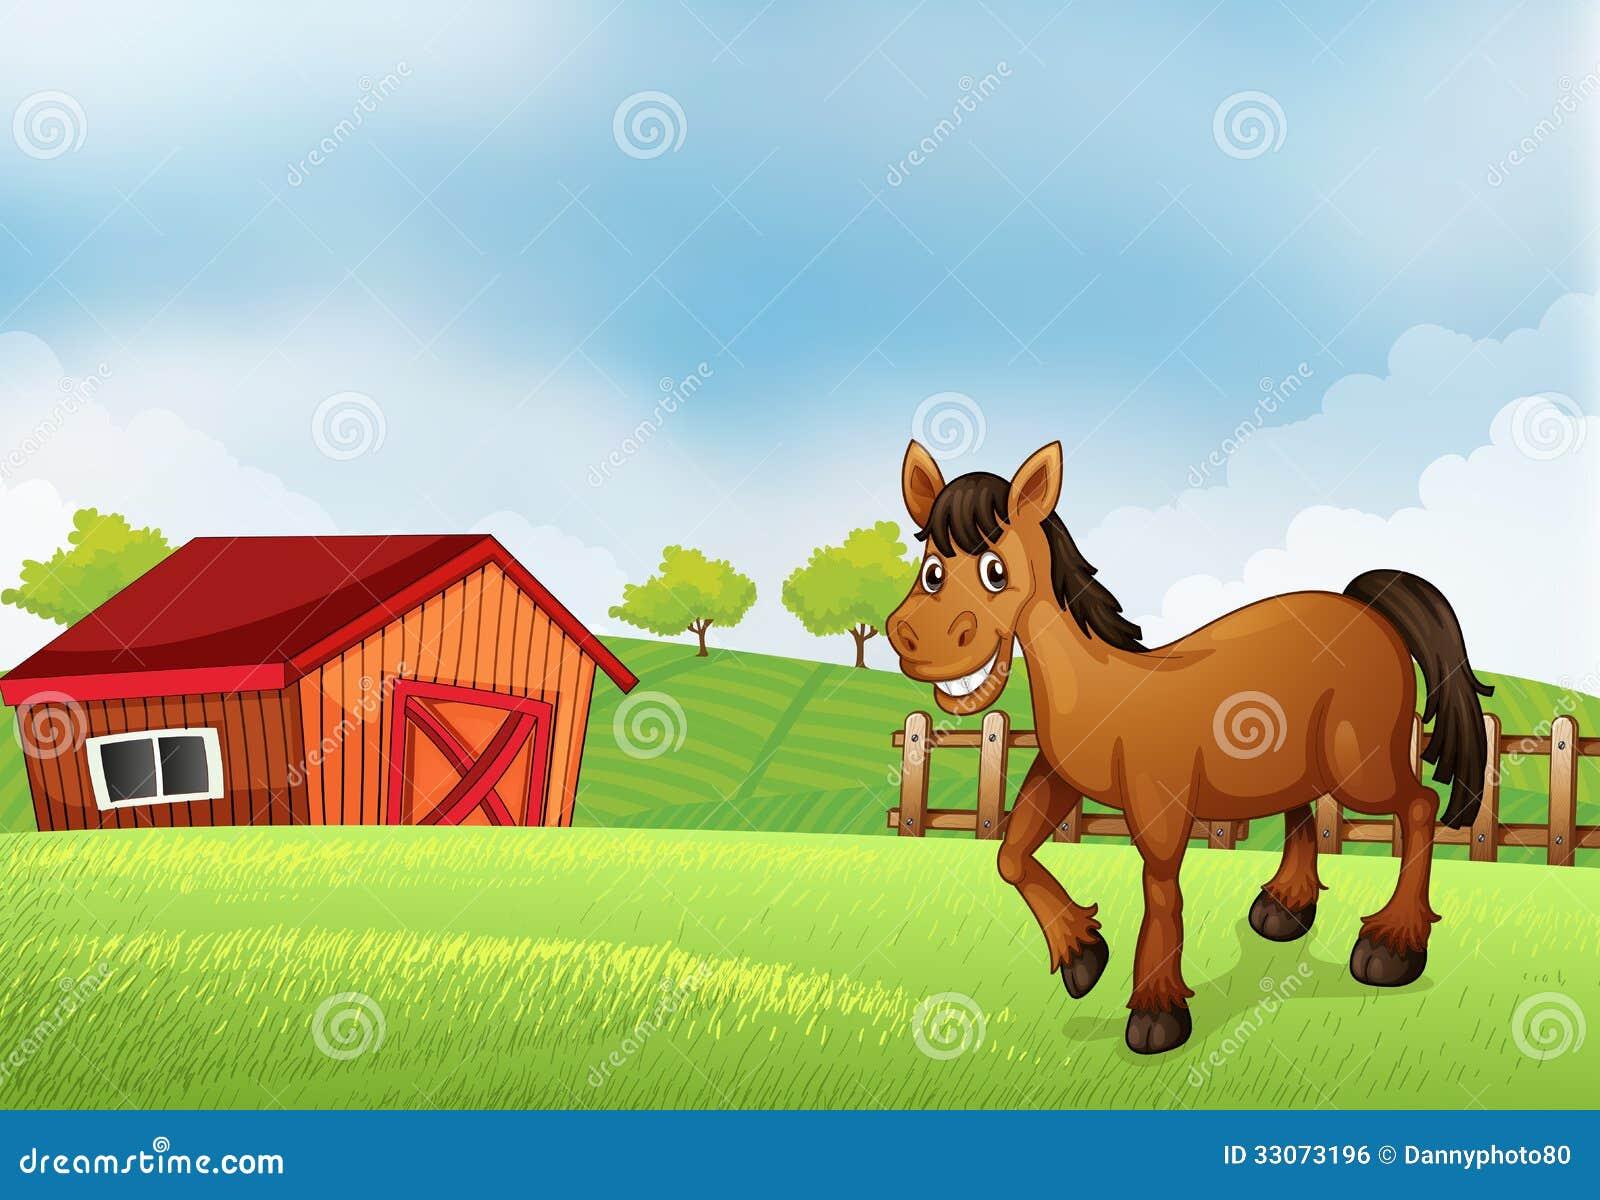 Horse Barn Clipart